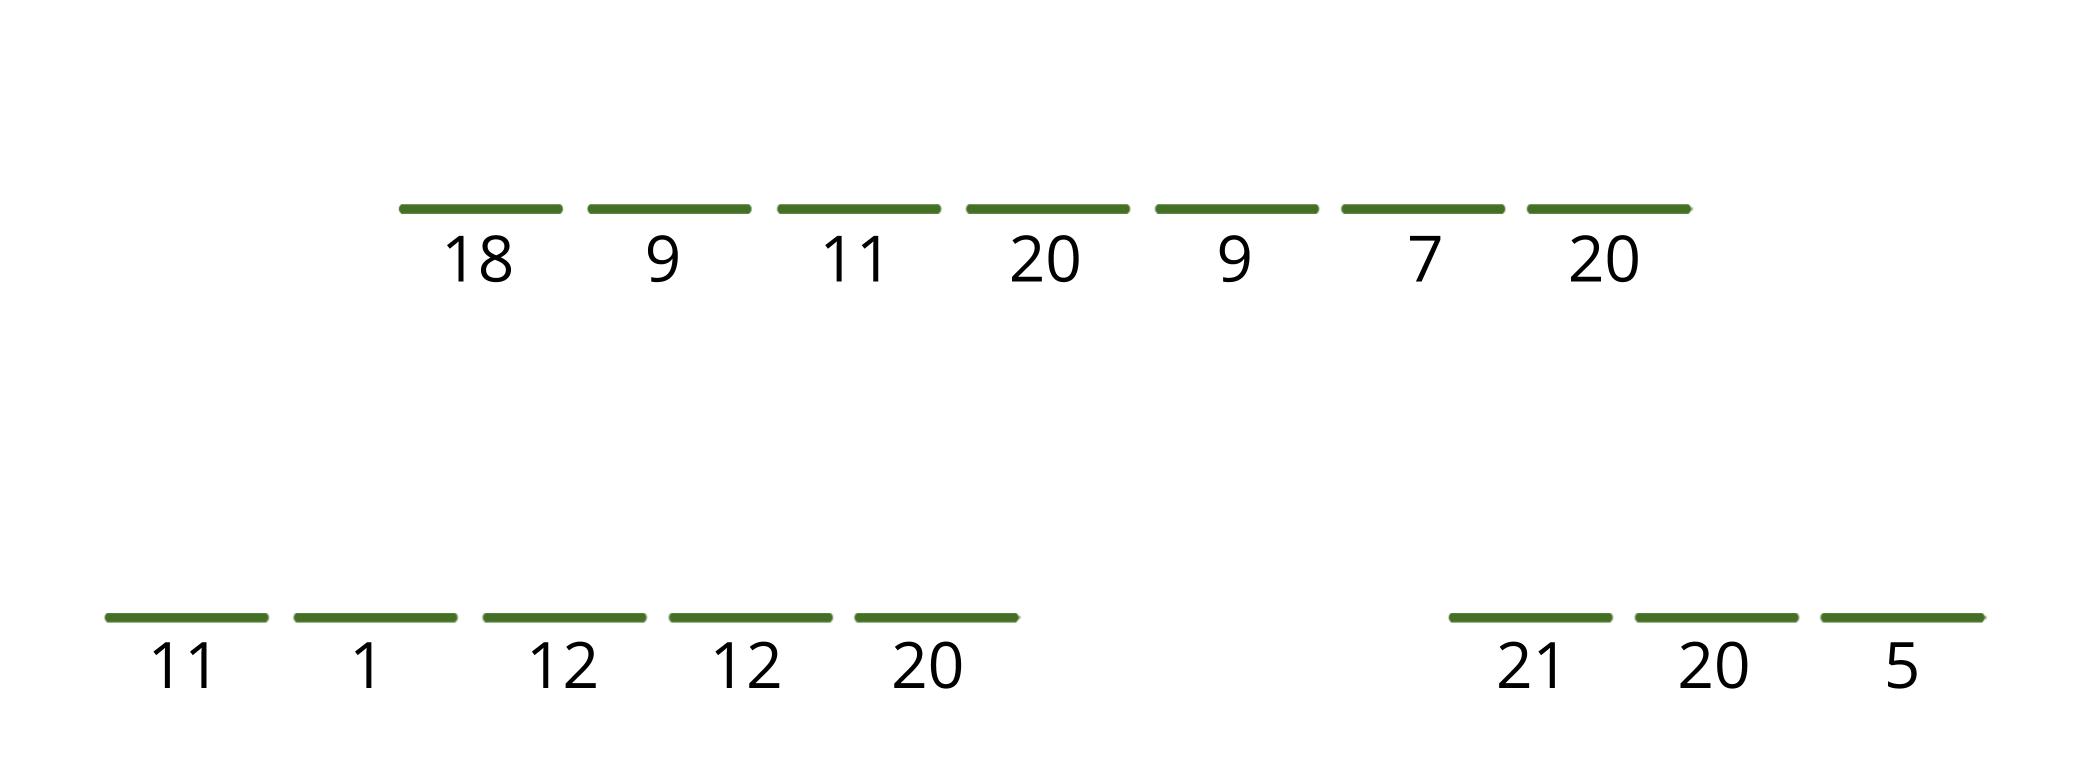 18, 9, 11, 20, 9, 7, 20 nytt ord 11, 1, 12, 12, 20 nytt ord 21, 20, 5.